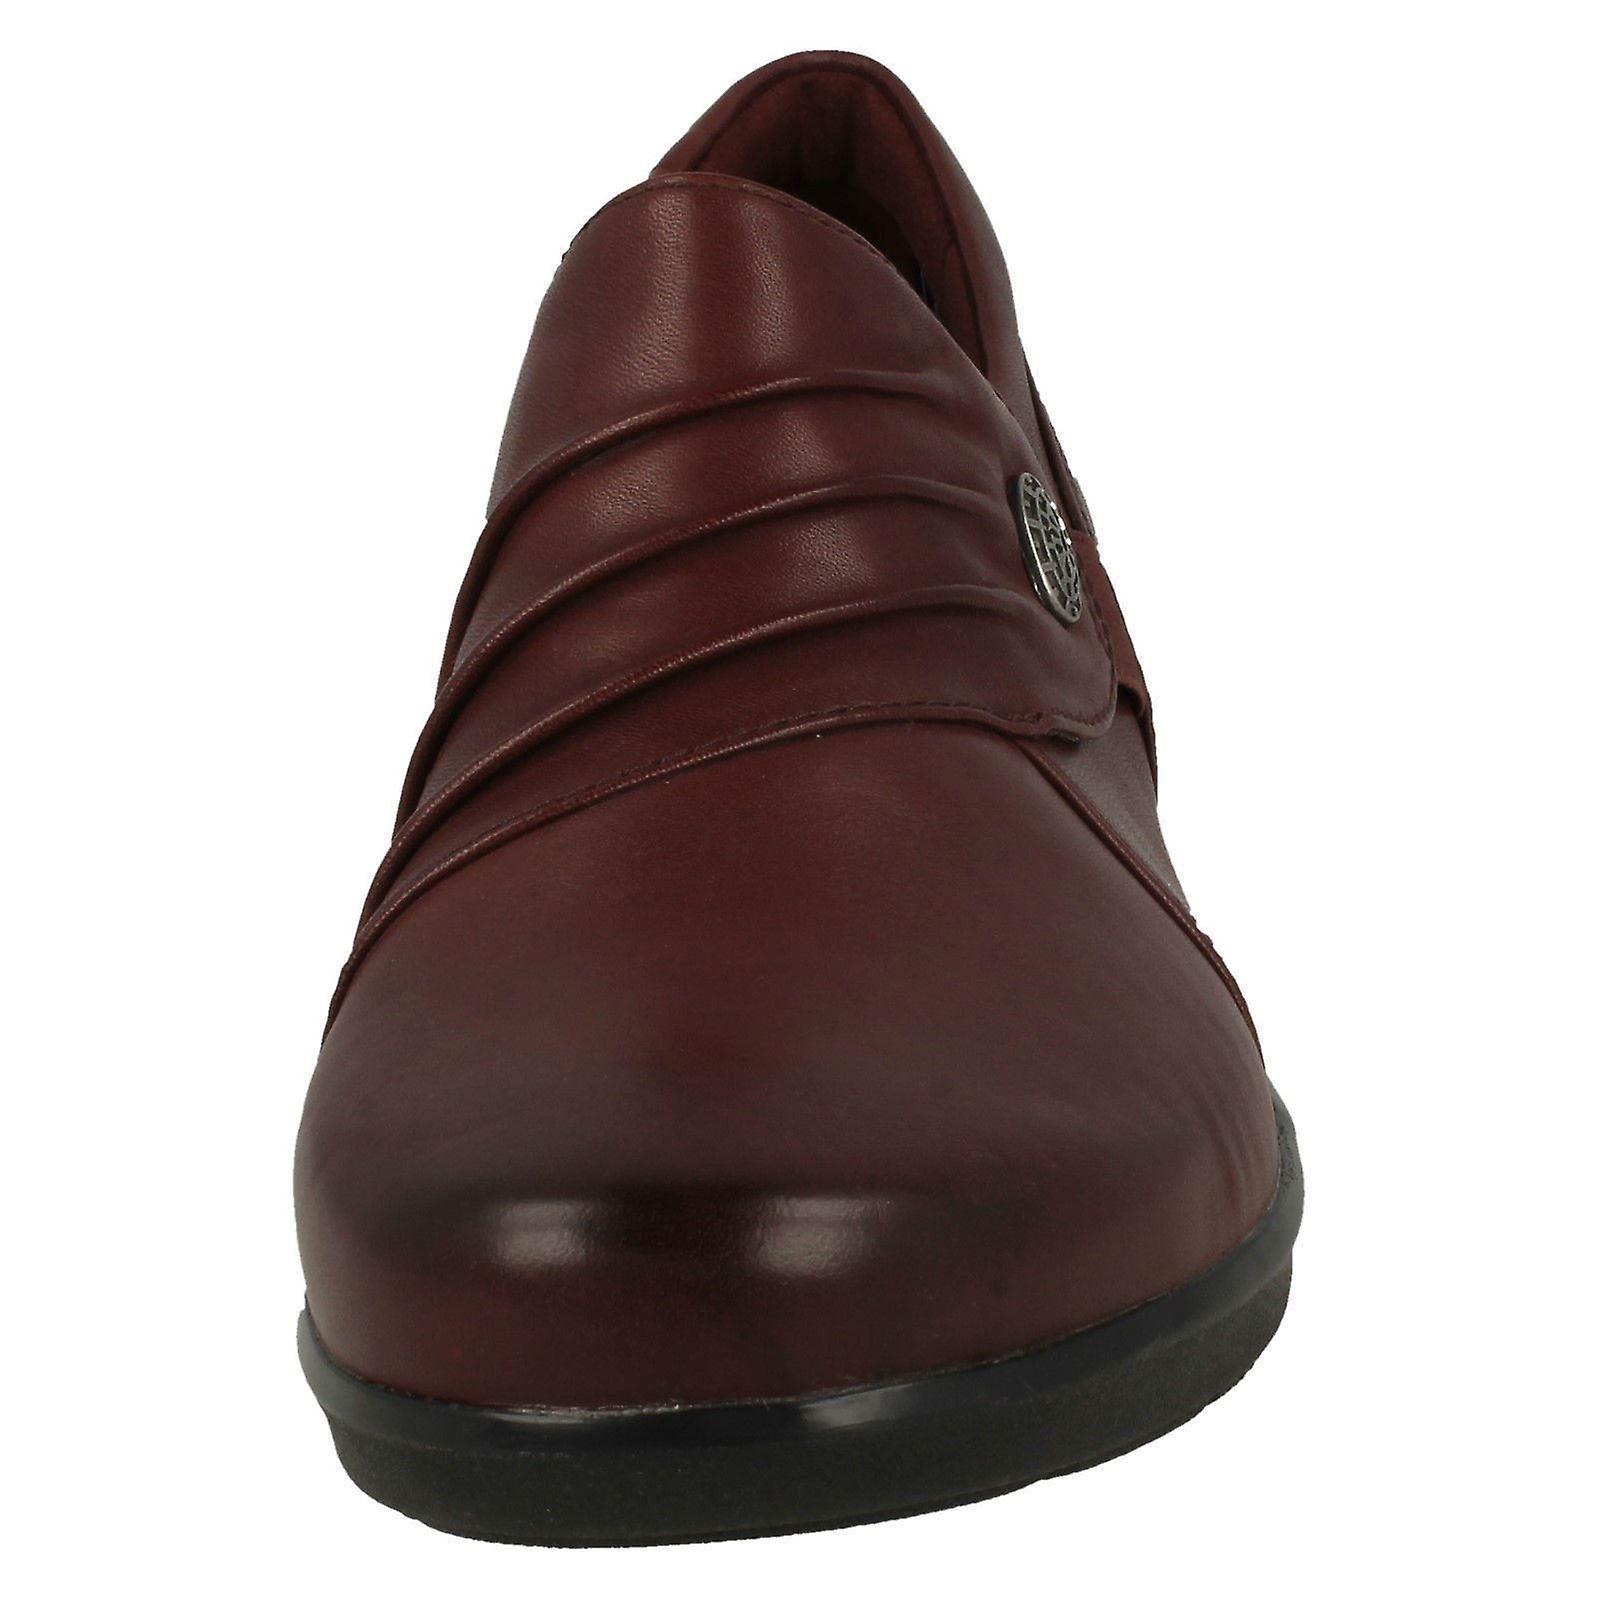 Ladies Clarks Wedge Heel Shoes Hope Roxanne